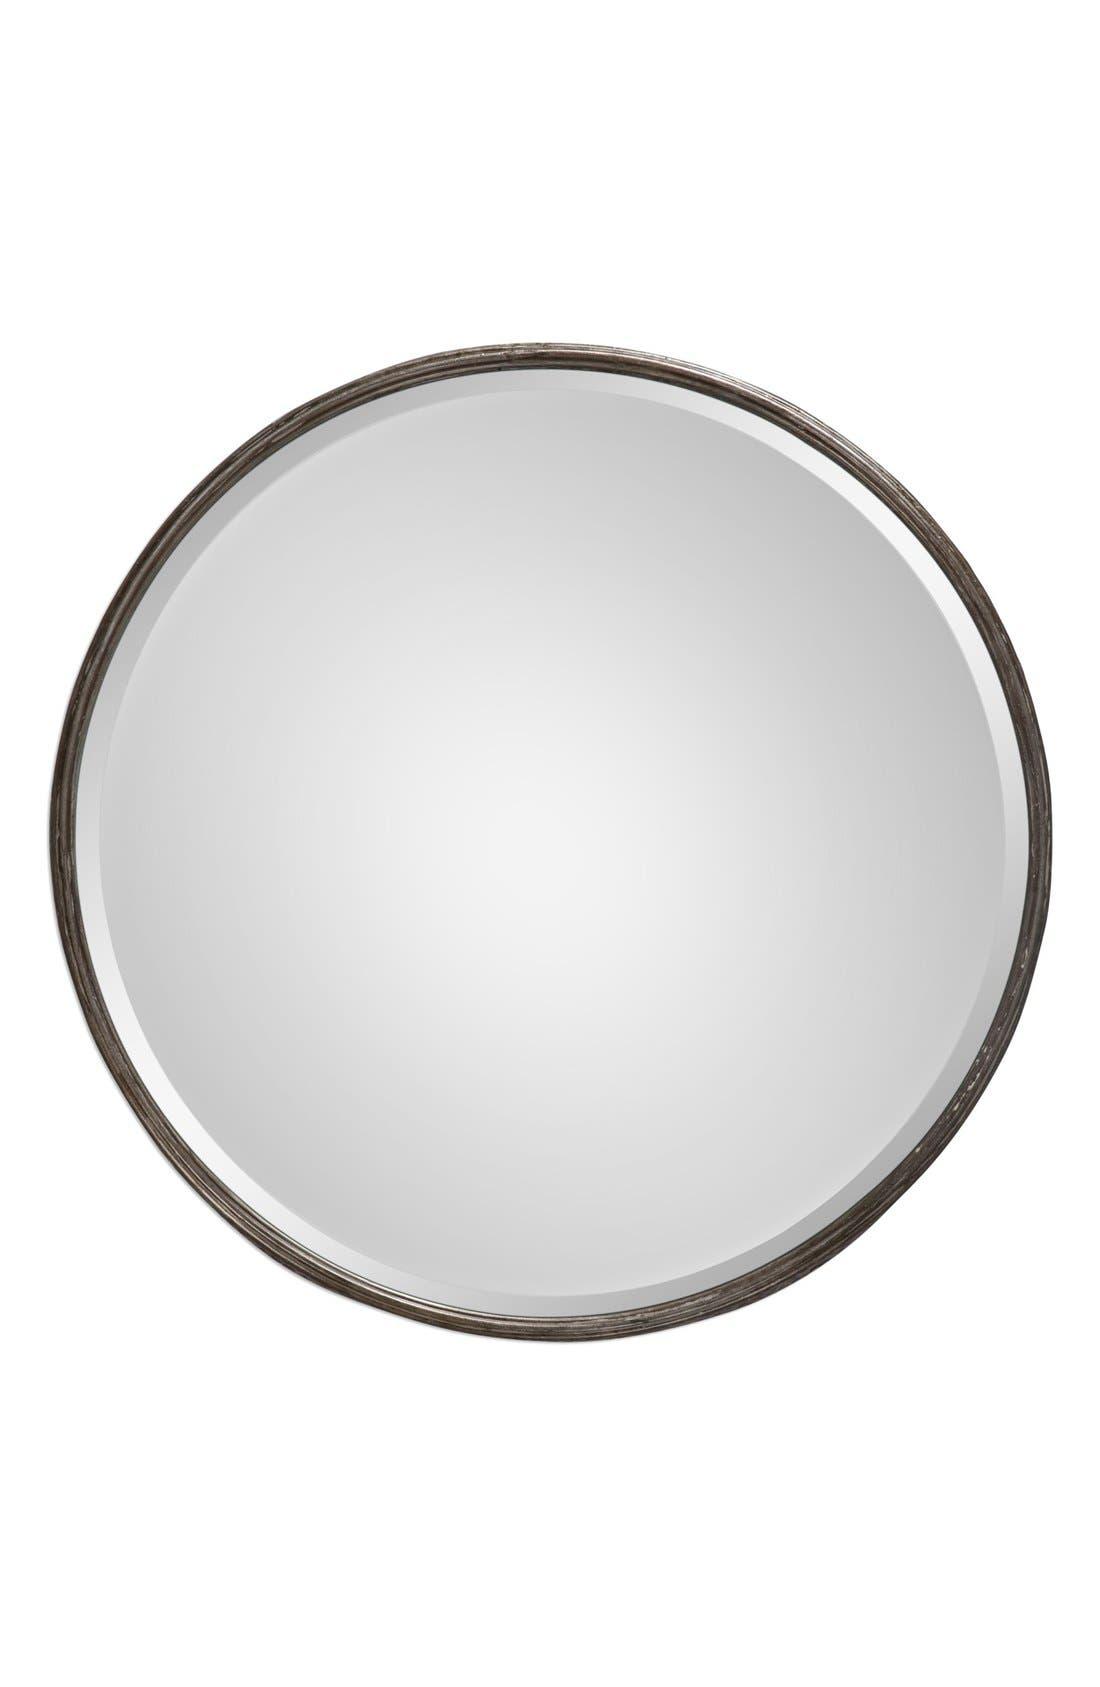 Uttermost 'Nova' Round Metal Mirror